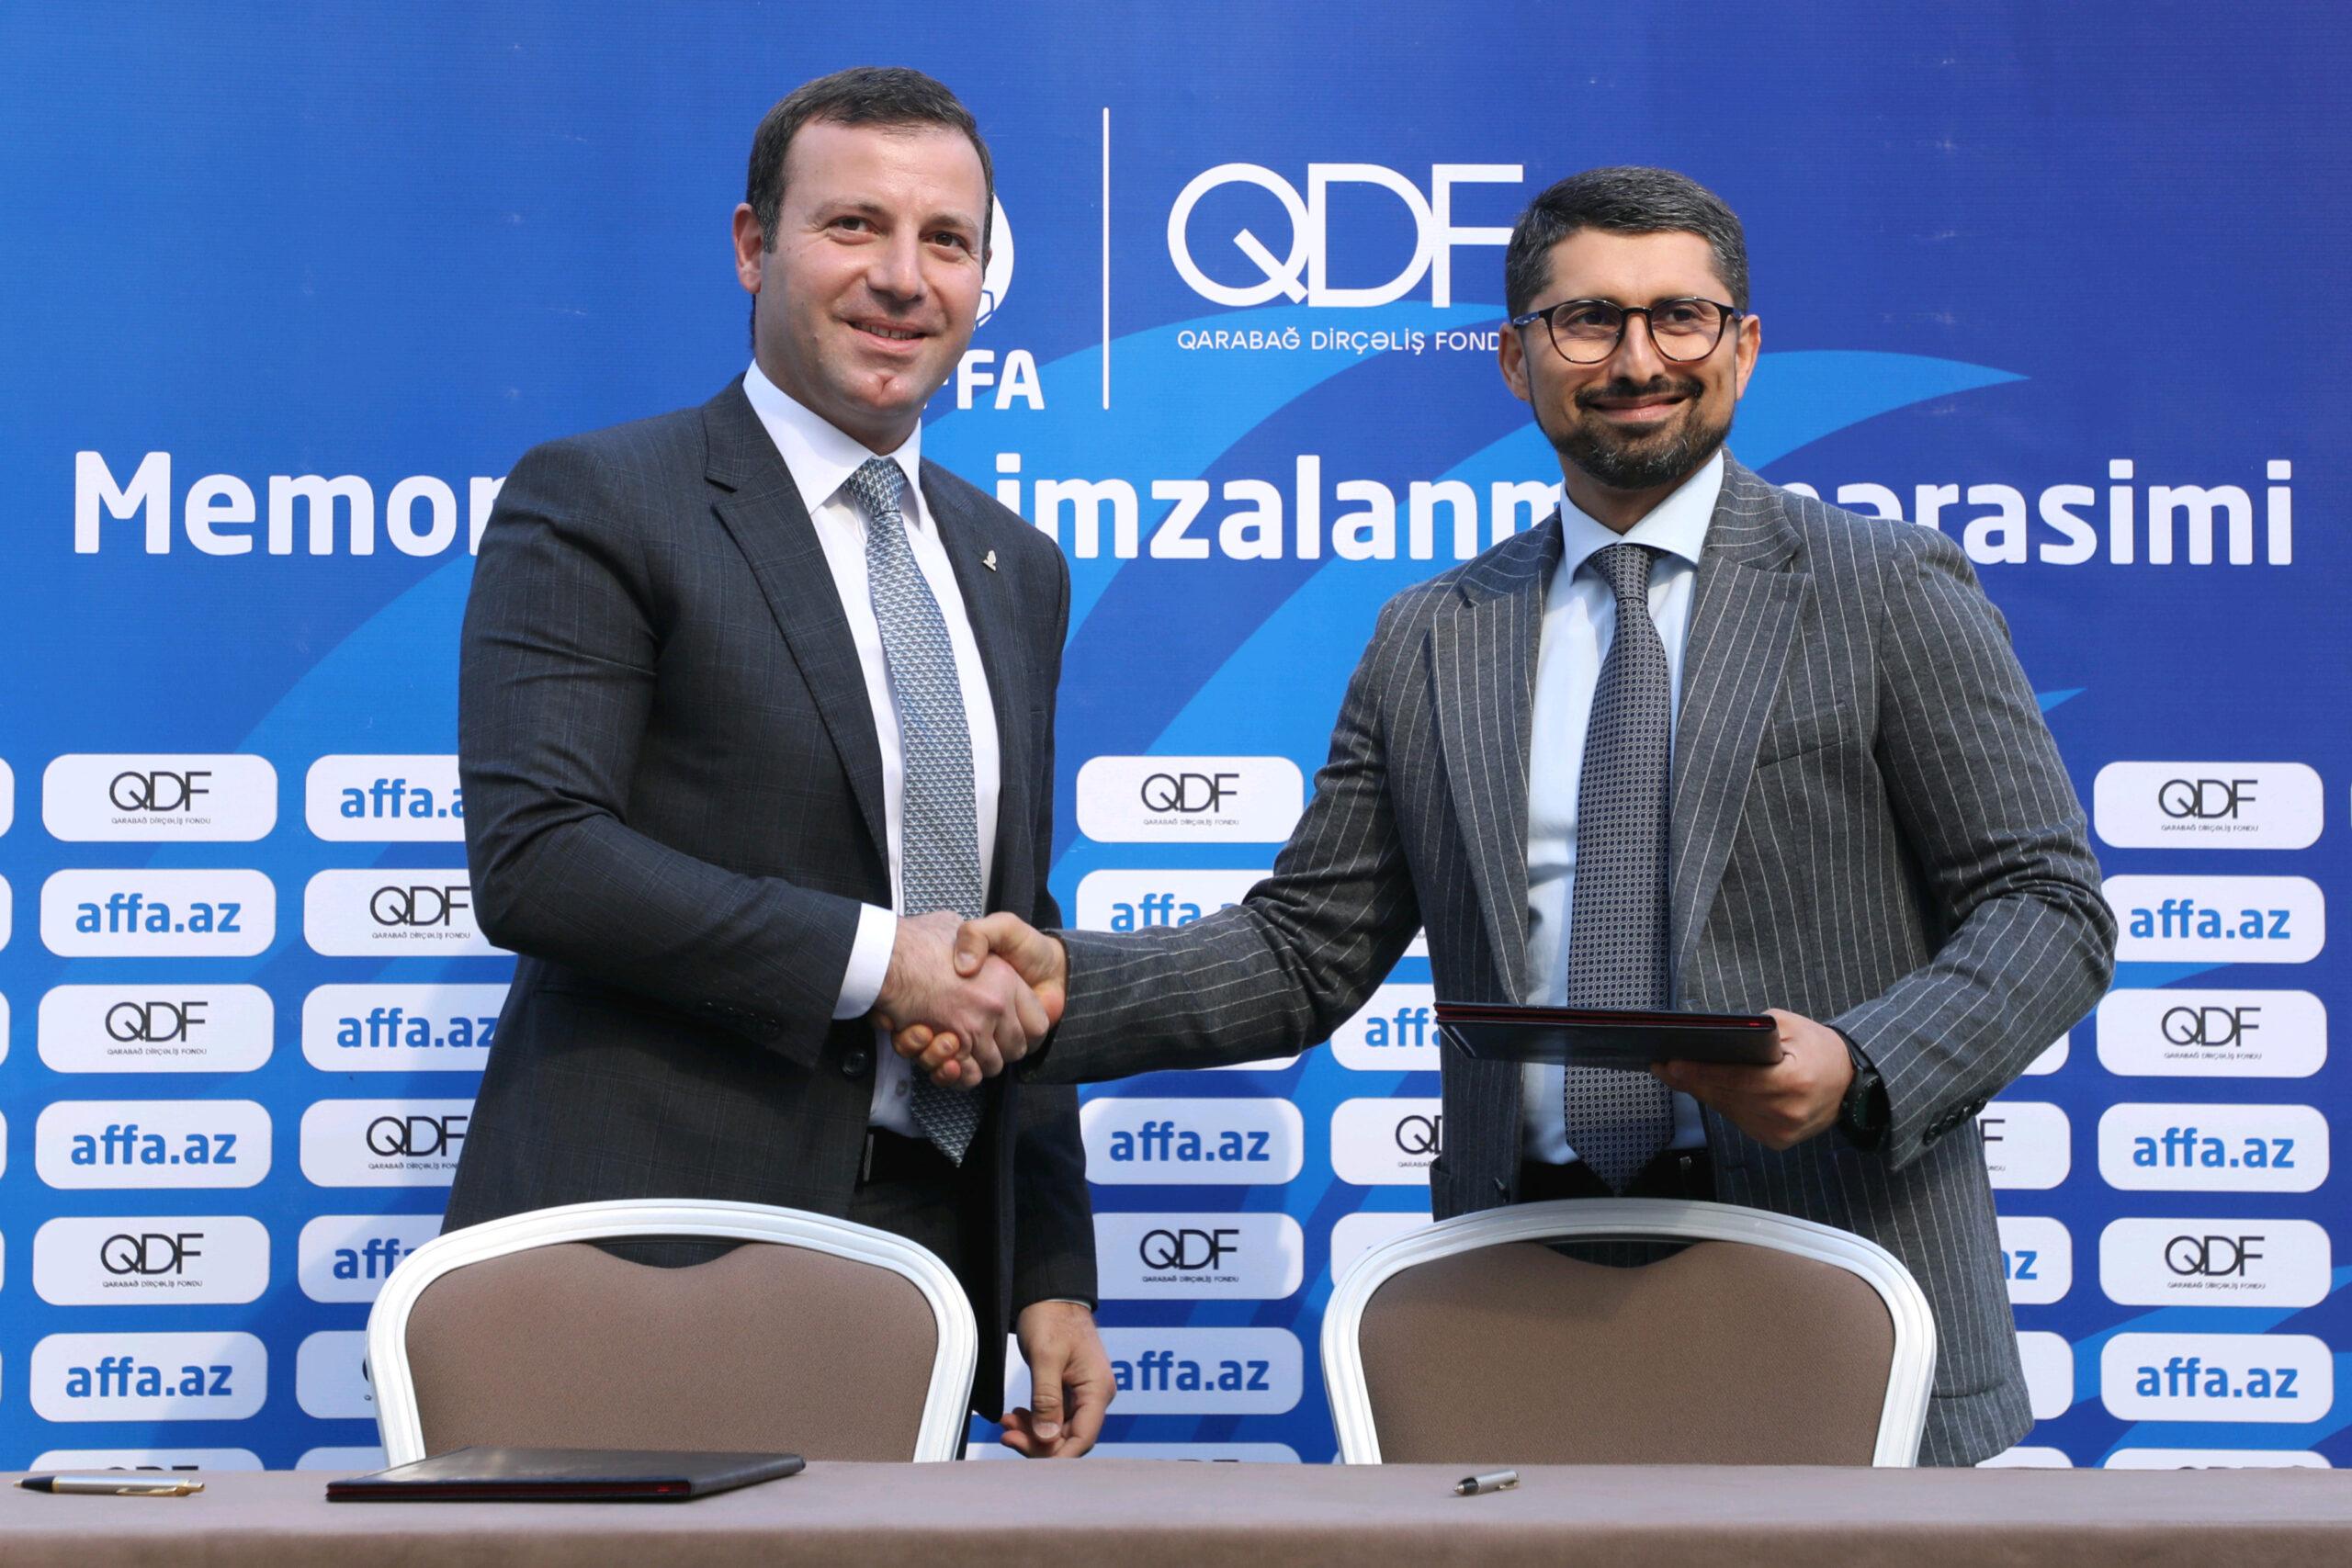 Qarabağ Dirçəliş Fondu və AFFA arasında Memorandum imzalanıb - FOTO